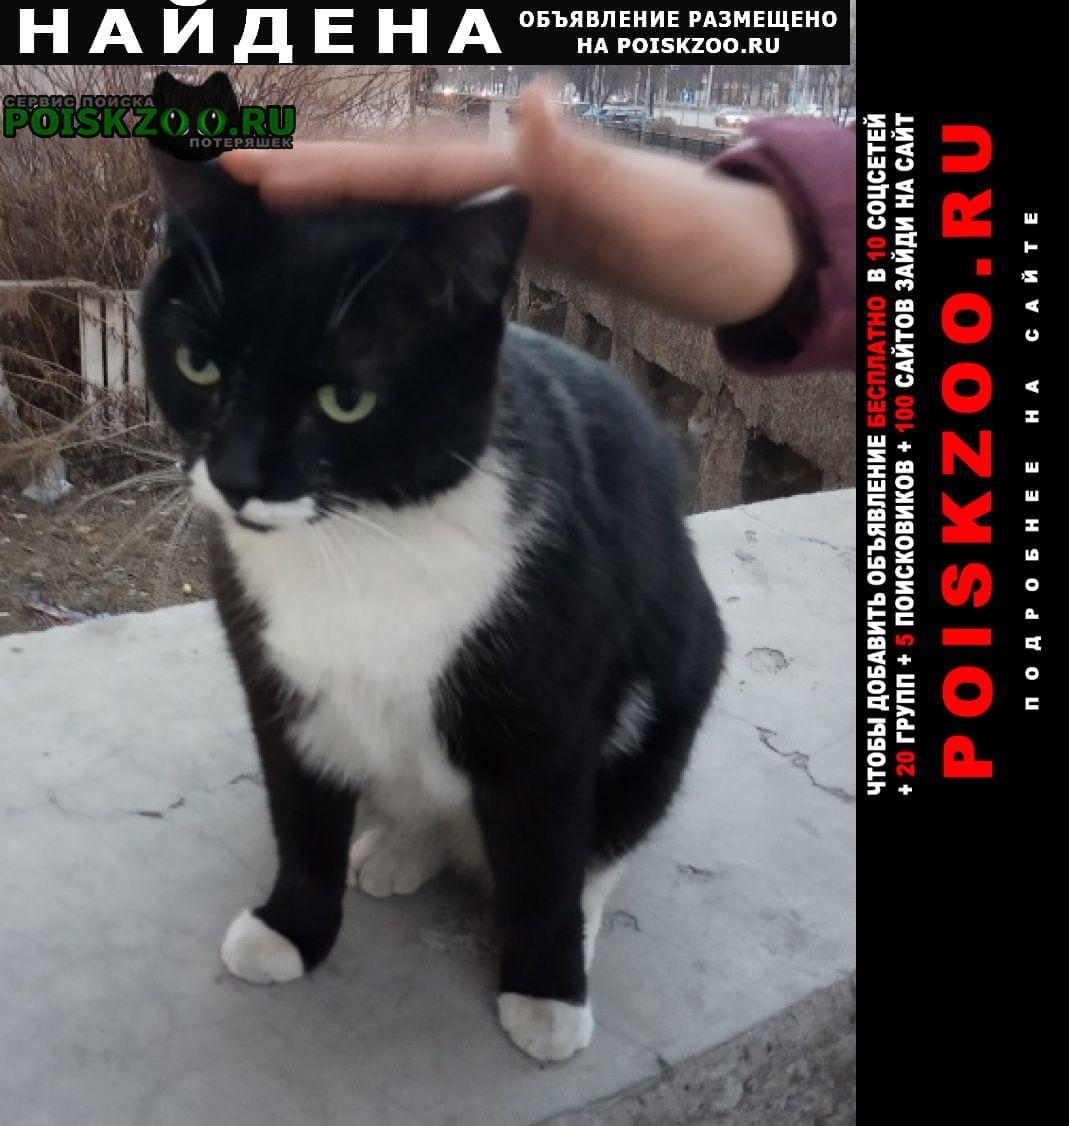 Найдена кошка уже 2-ой год сидит на улице Новокузнецк